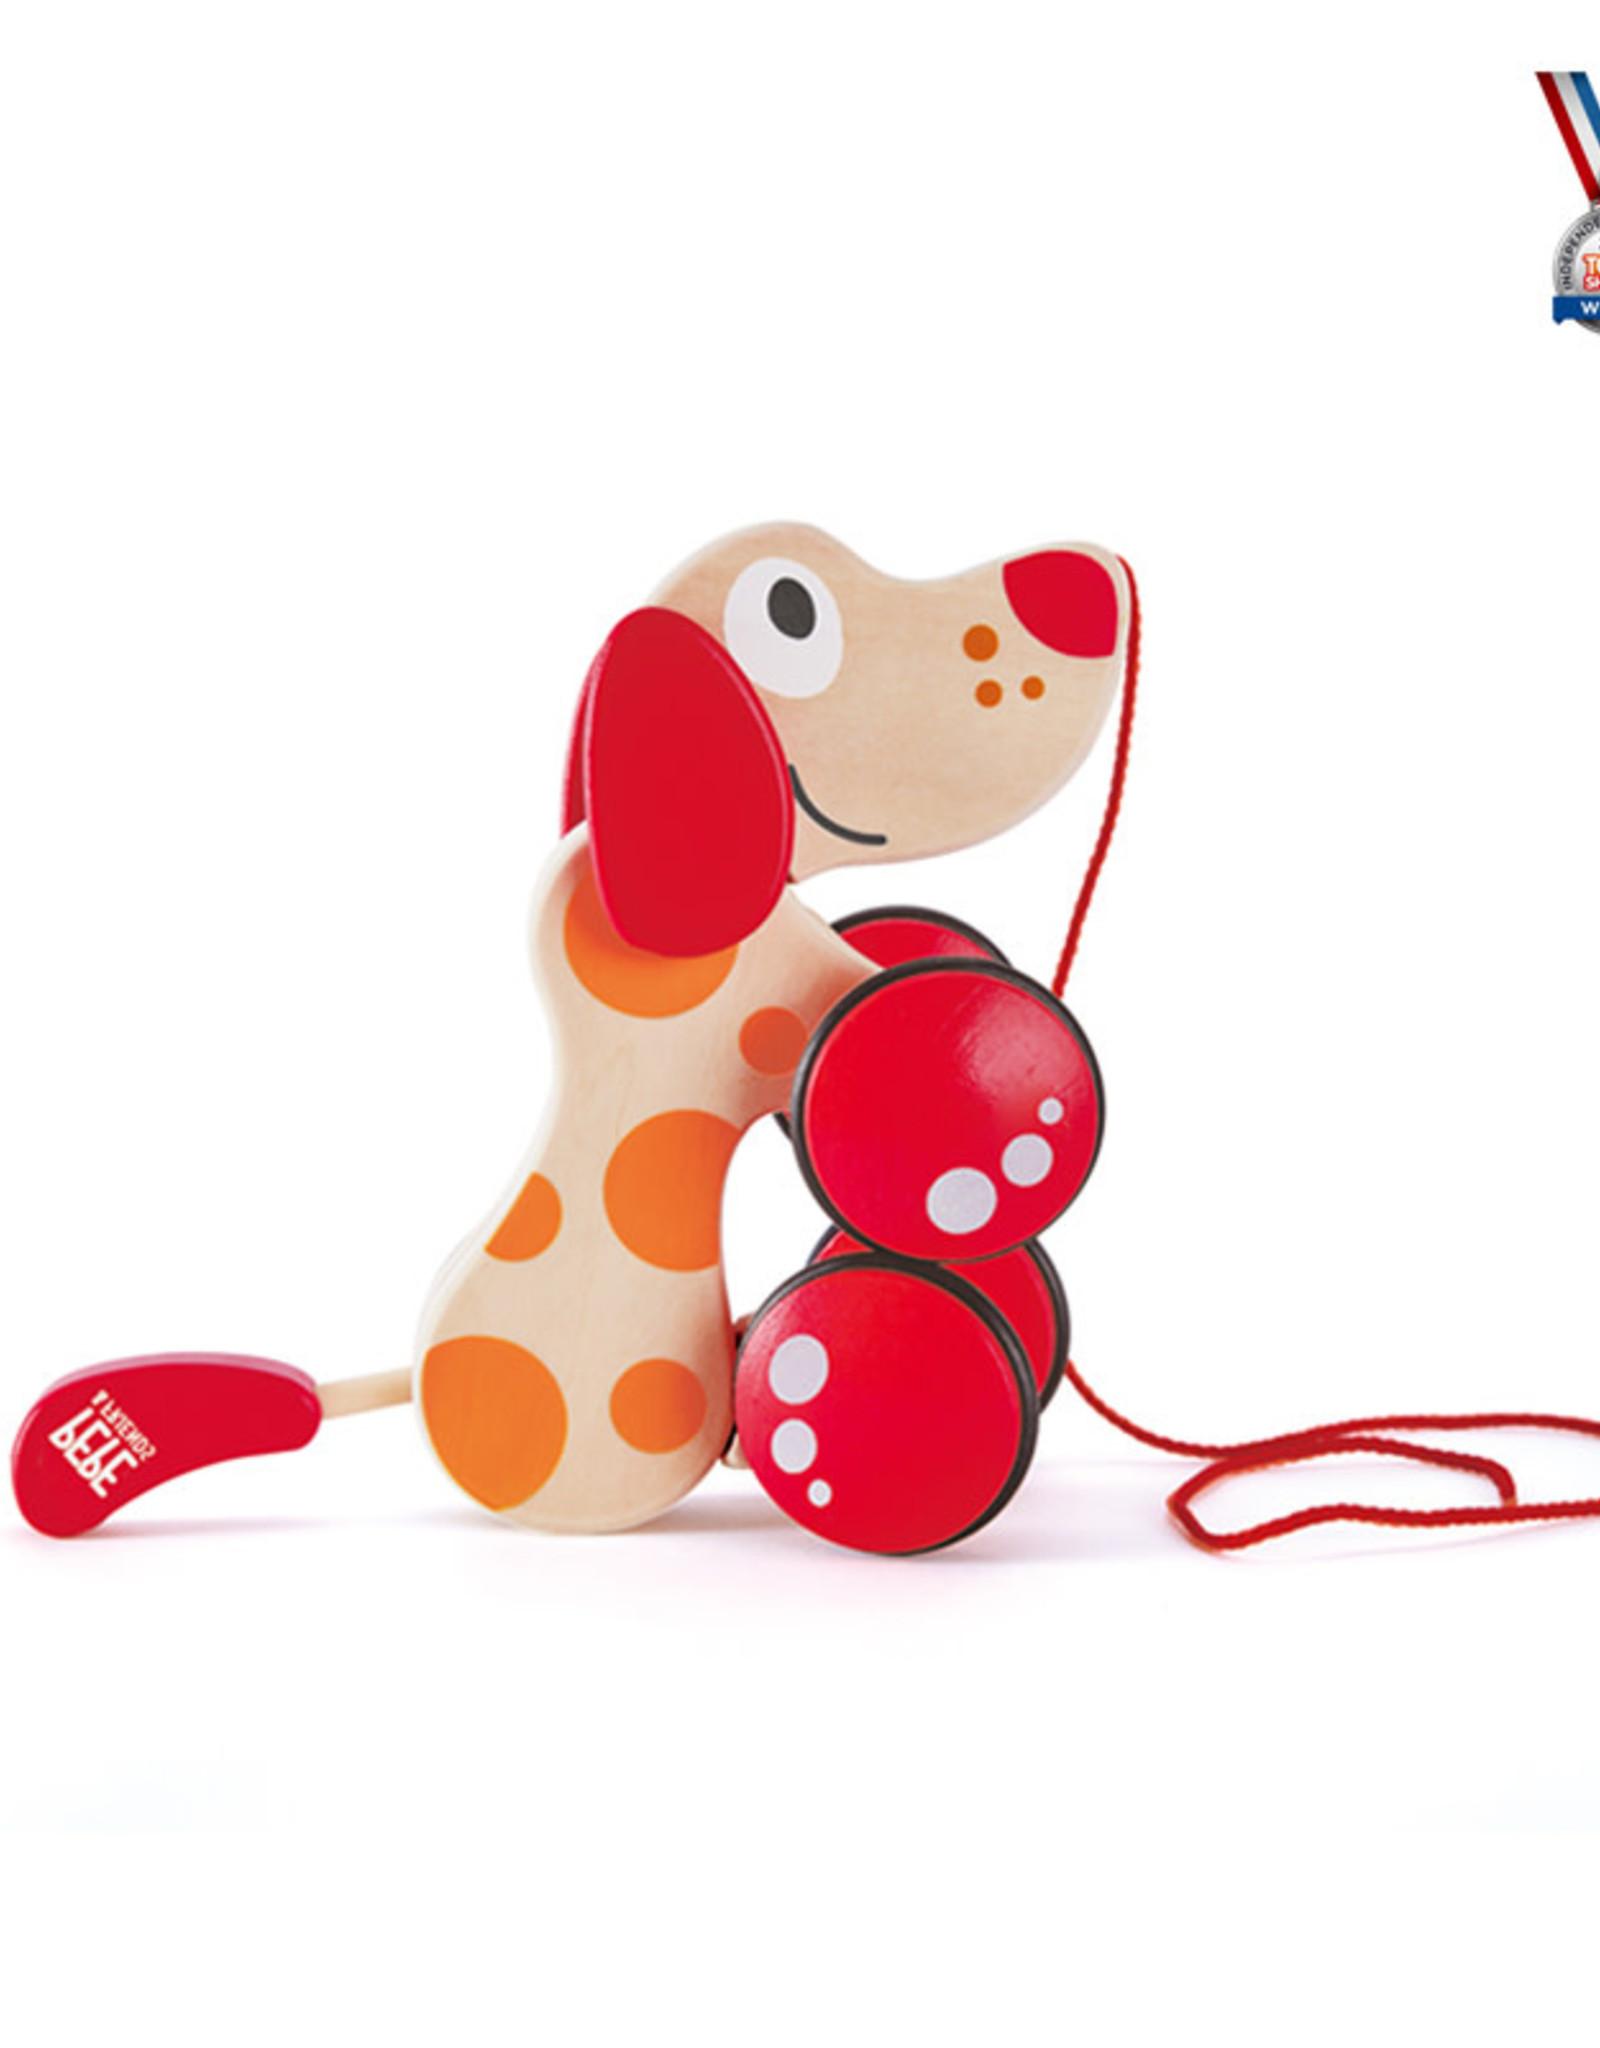 Hape Toys Pepe Pull Along